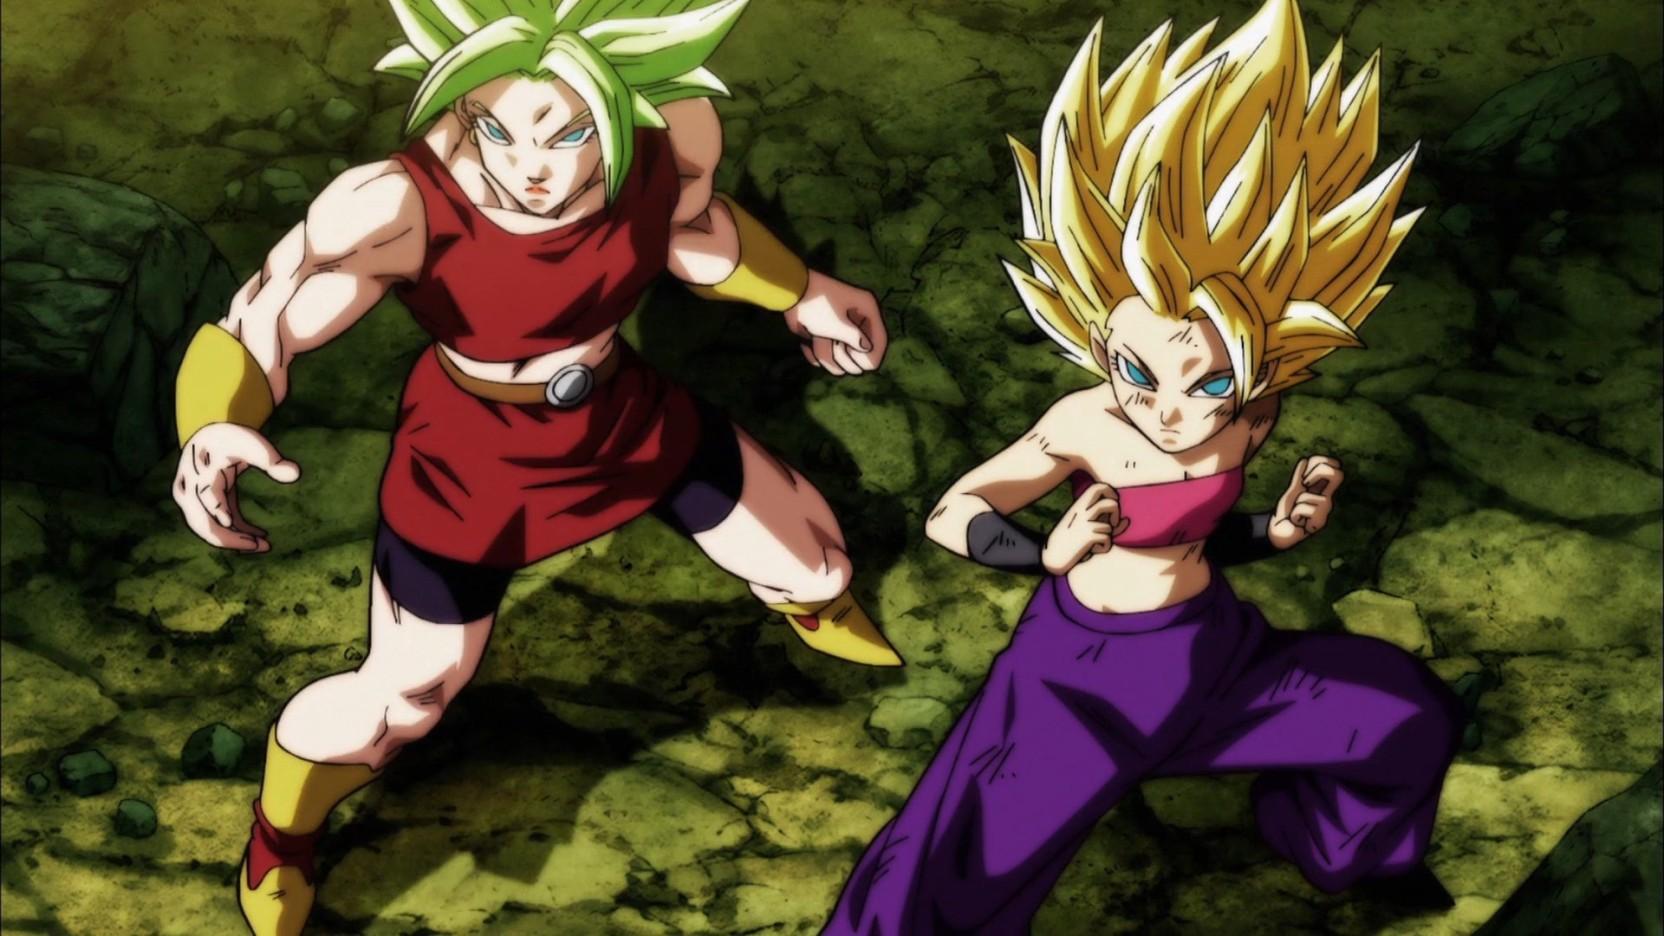 Athah Anime Dragon Ball Super Dragon Ball Kale Caulifla Super